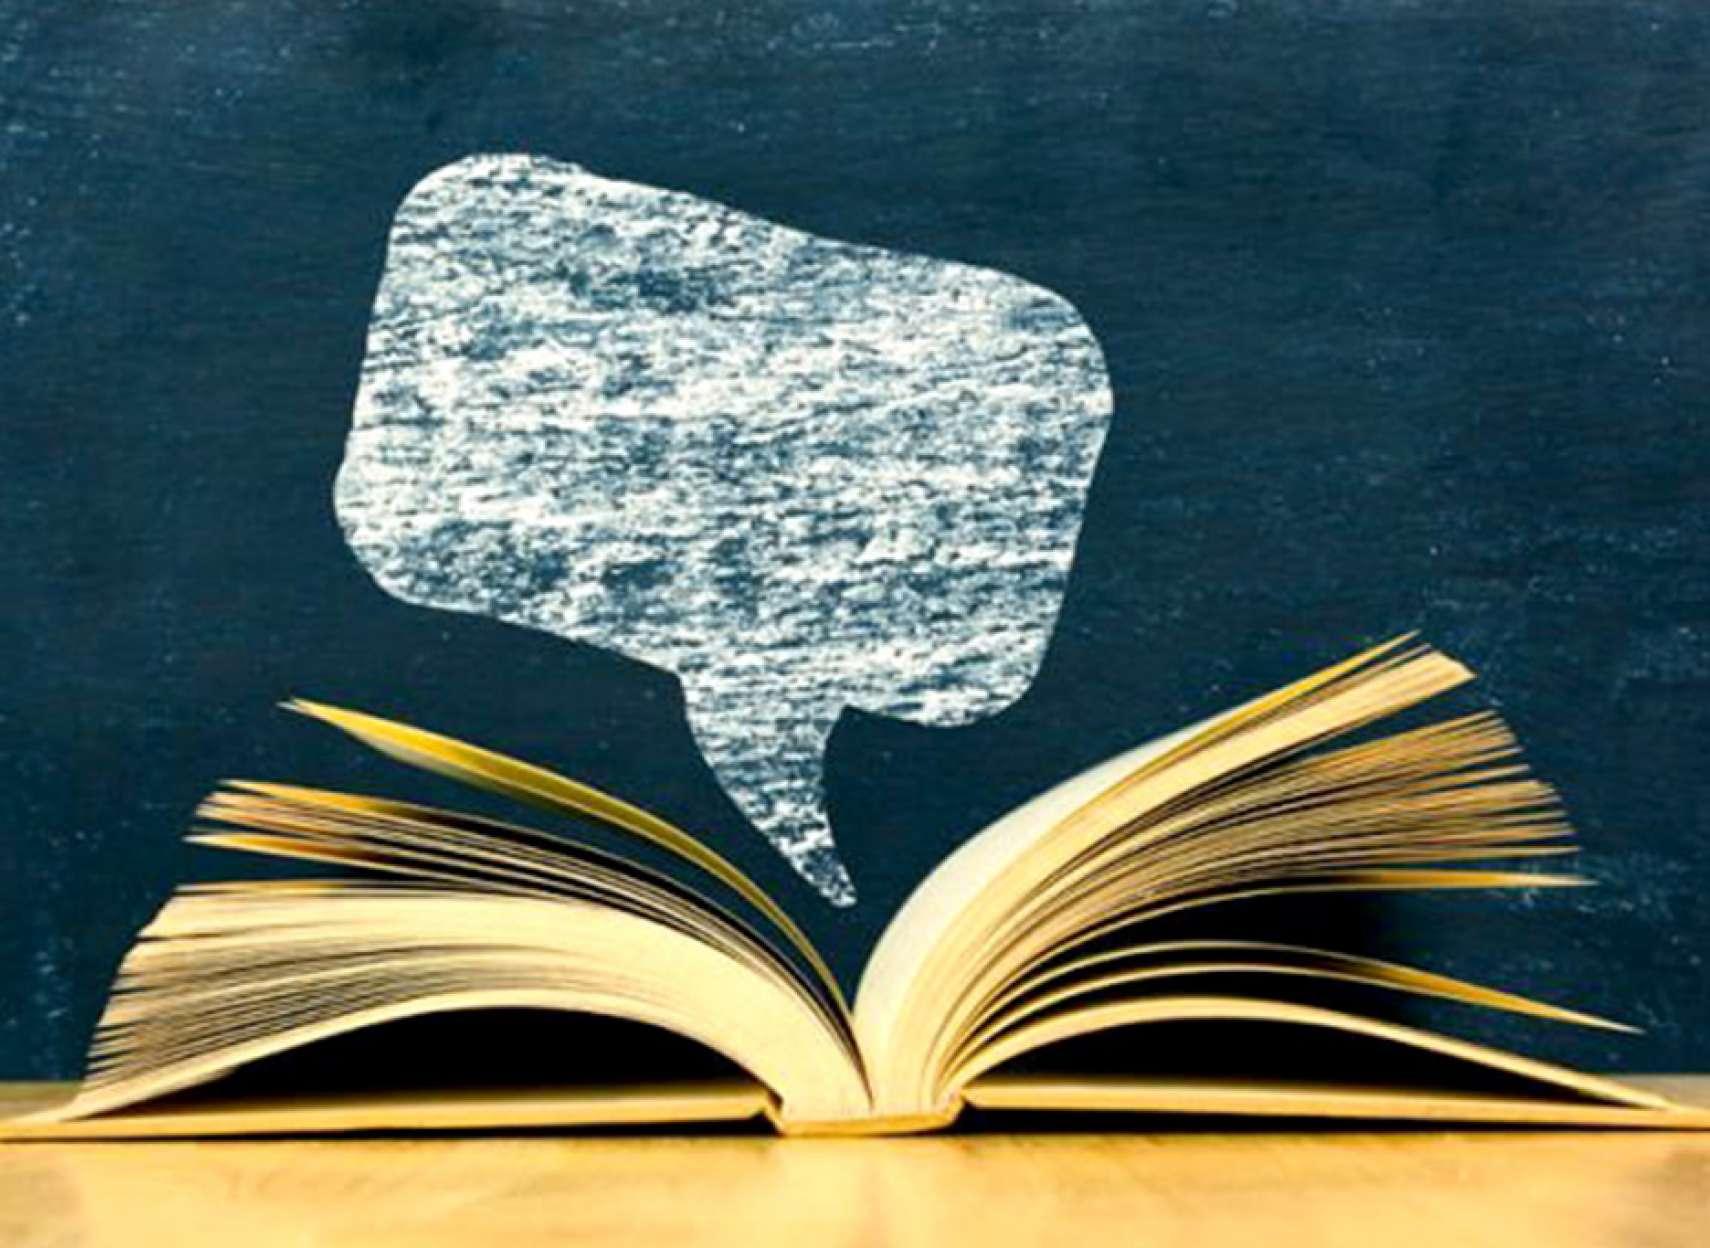 ادبیات-گلمحمدی-لزوم-نقد-در-جامعه-و-جامعه-نقدپذیر